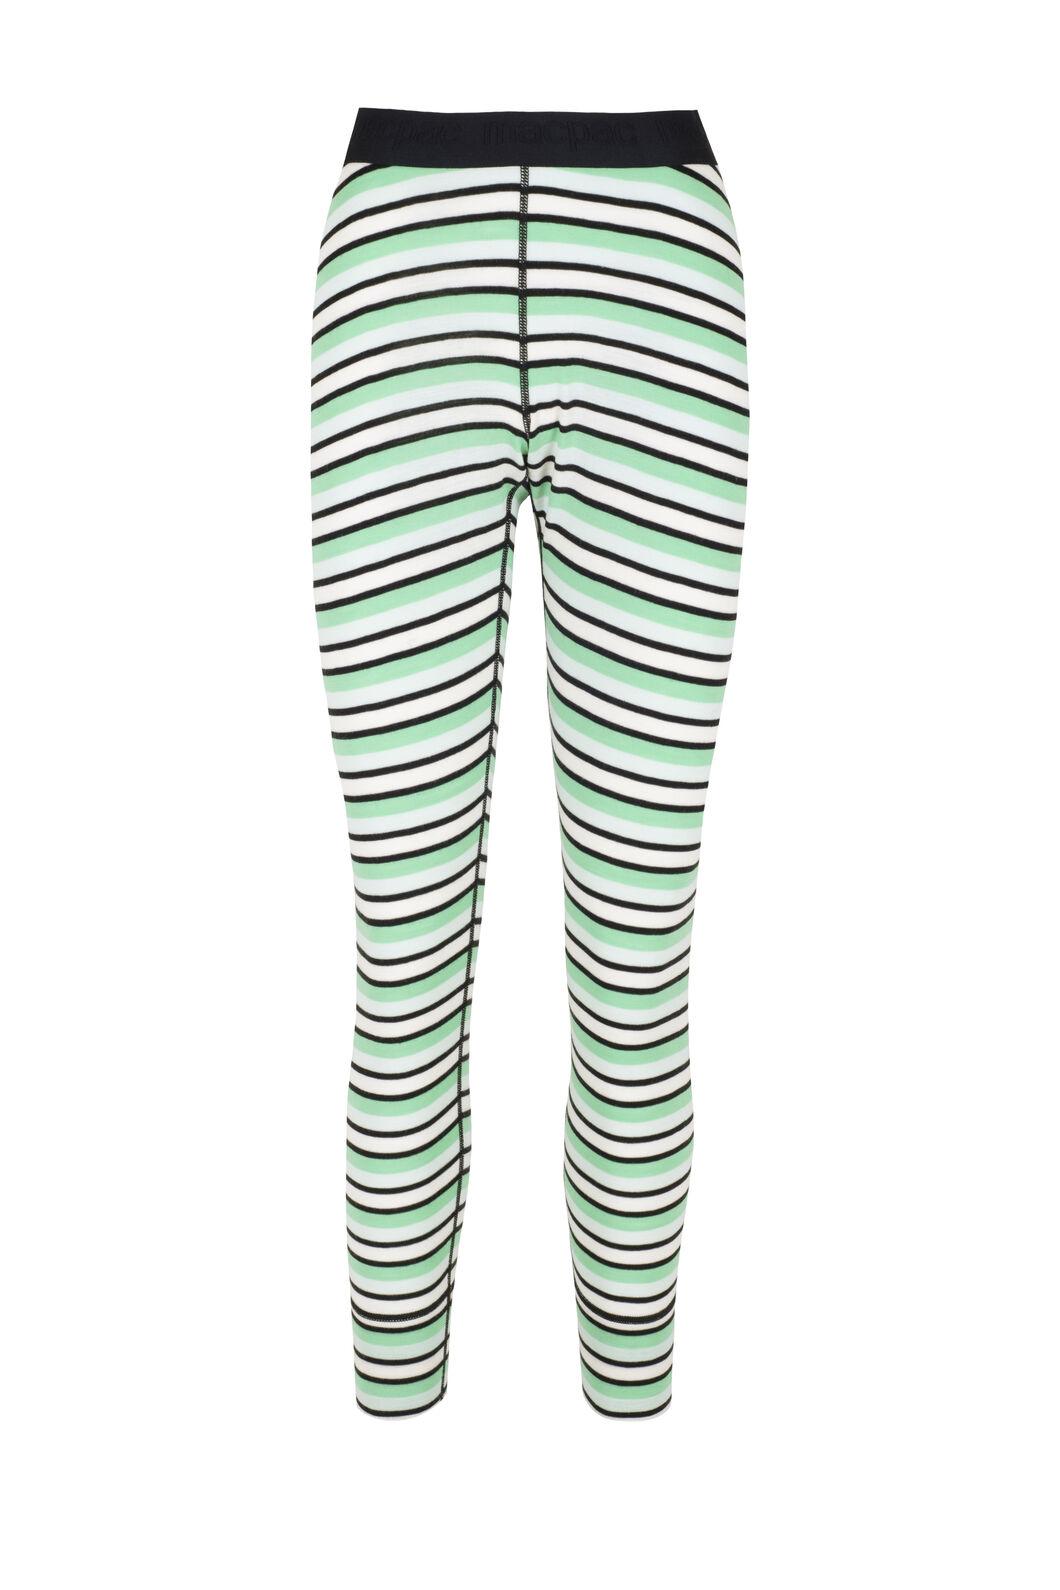 Macpac 220 Merino Long Johns - Women's, Misty Jade/Katydid Stripe, hi-res